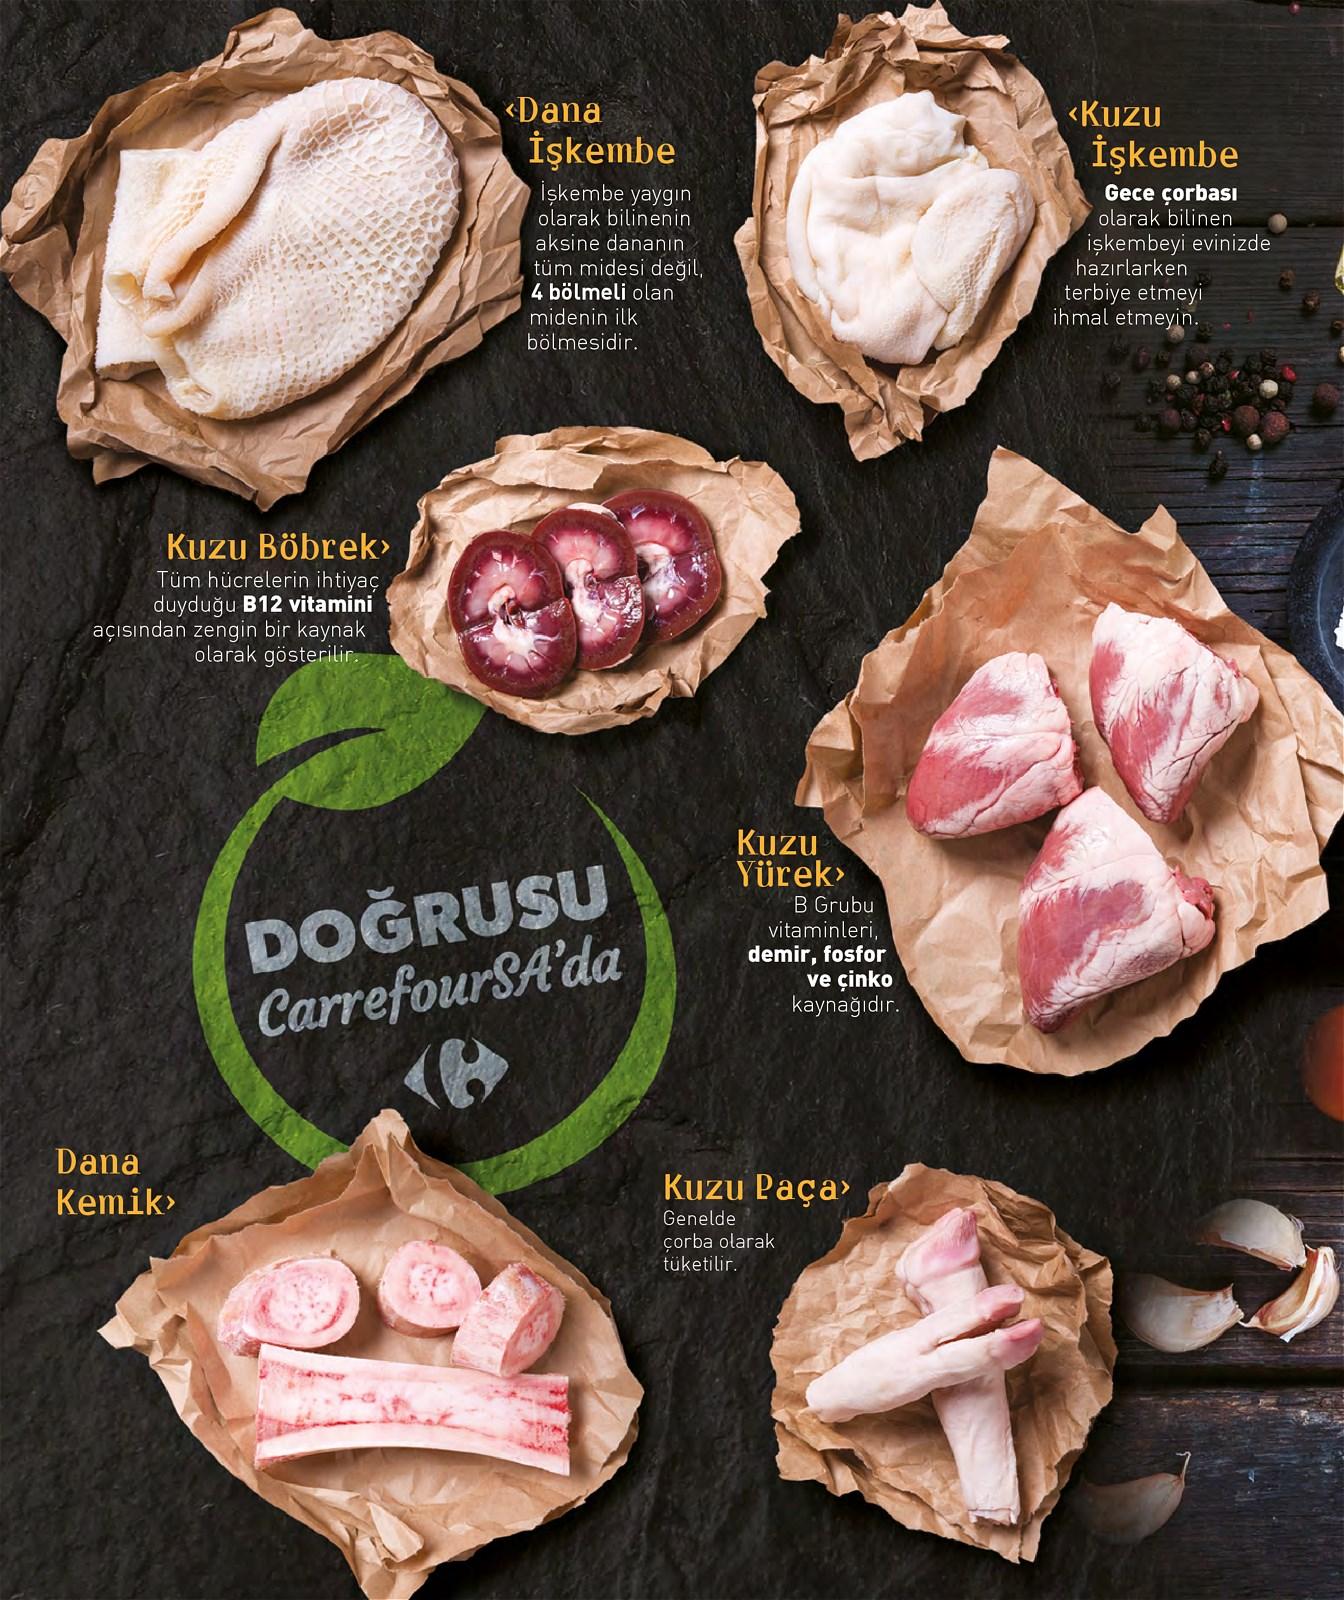 13.01.2021 CarrefourSA broşürü 14. sayfa